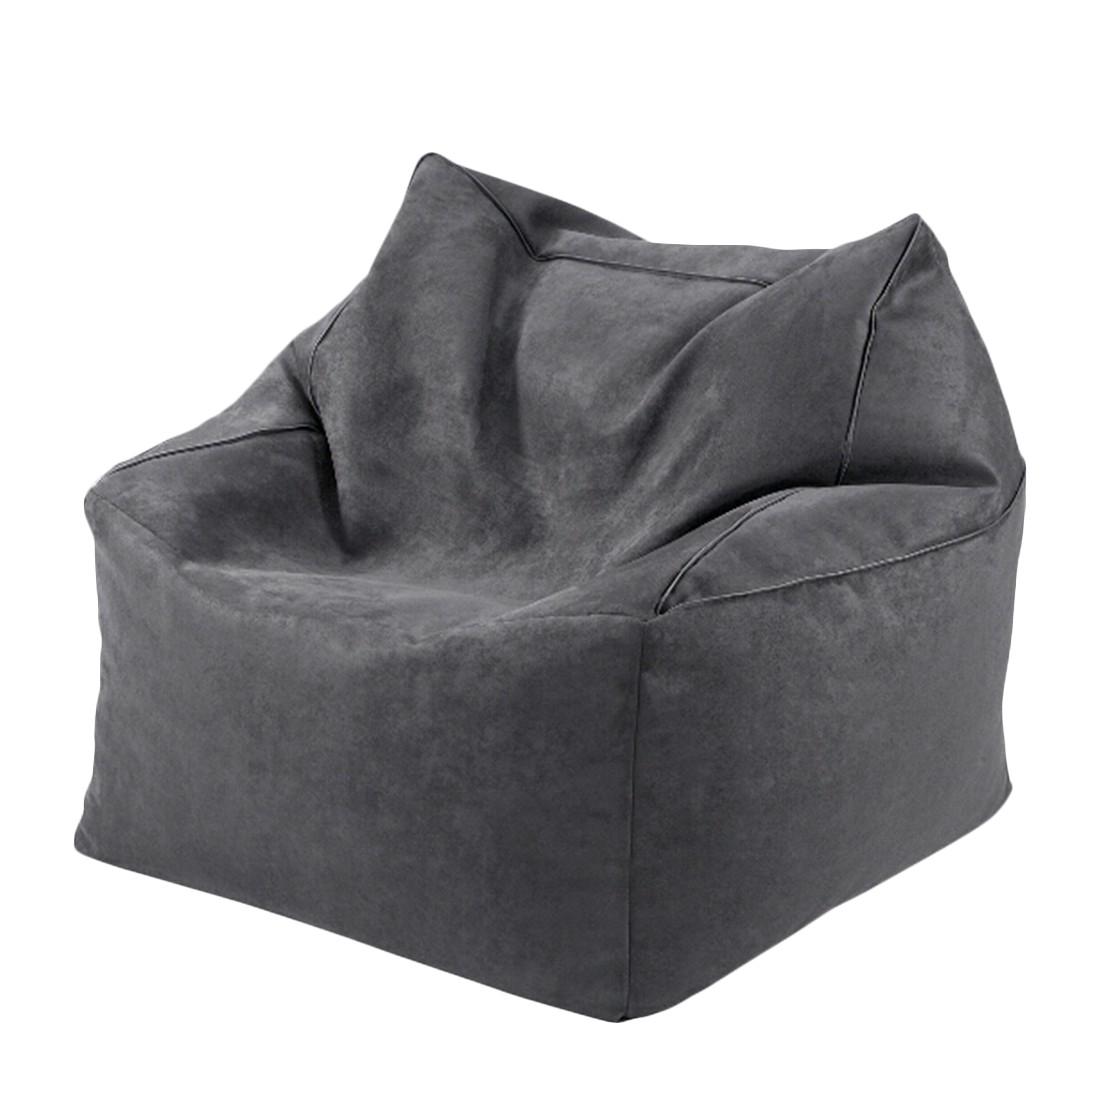 Sitzwürfel 2 in 1 Microvelour ALKA anthrazit – 50 x 50 cm, KC-Handel günstig online kaufen